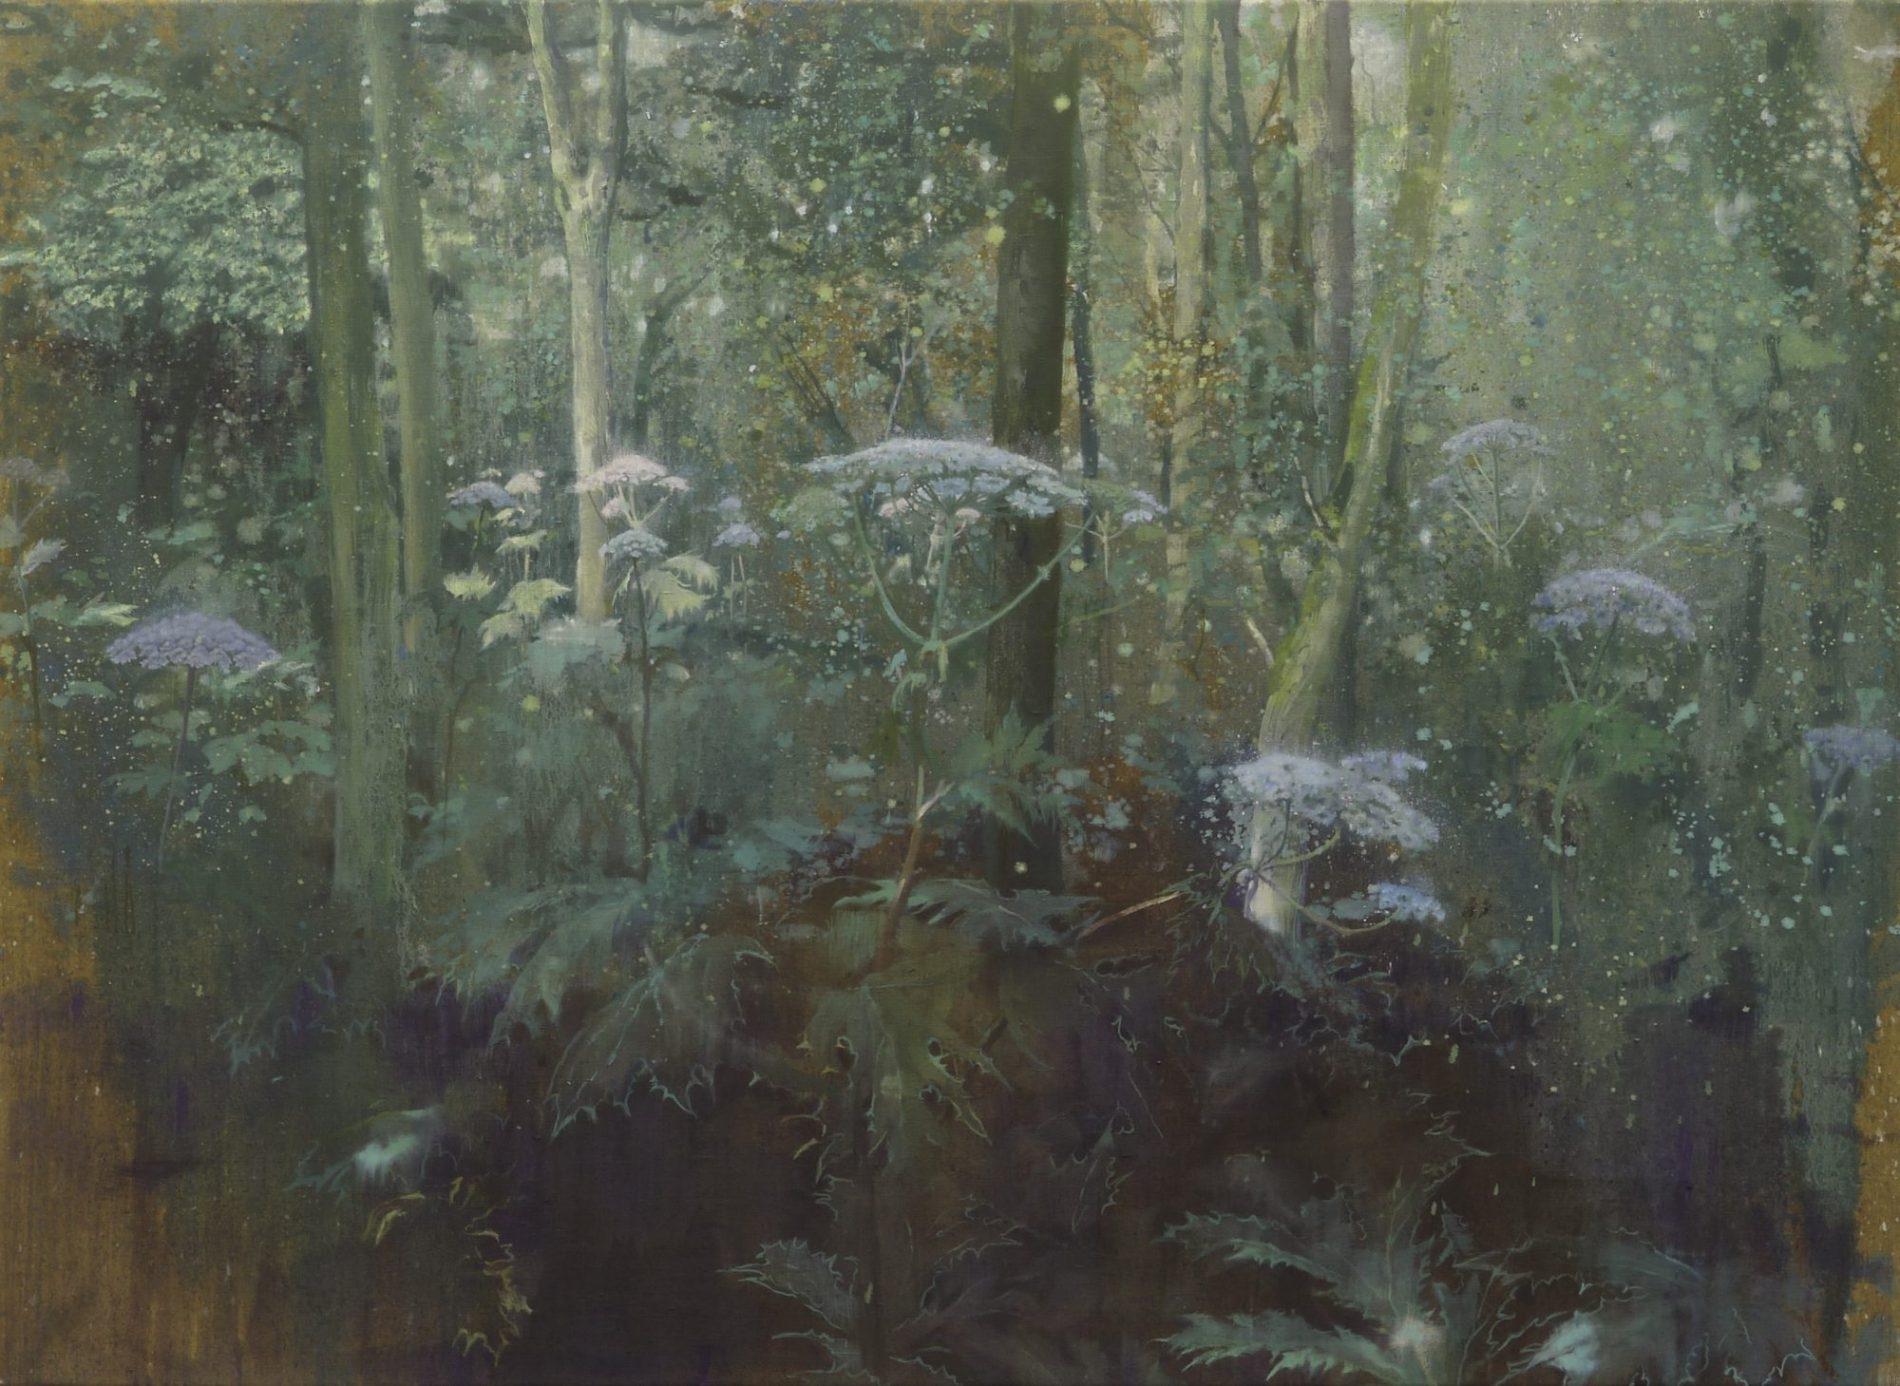 schilderij isabella werkhoven berenklauwen in bos